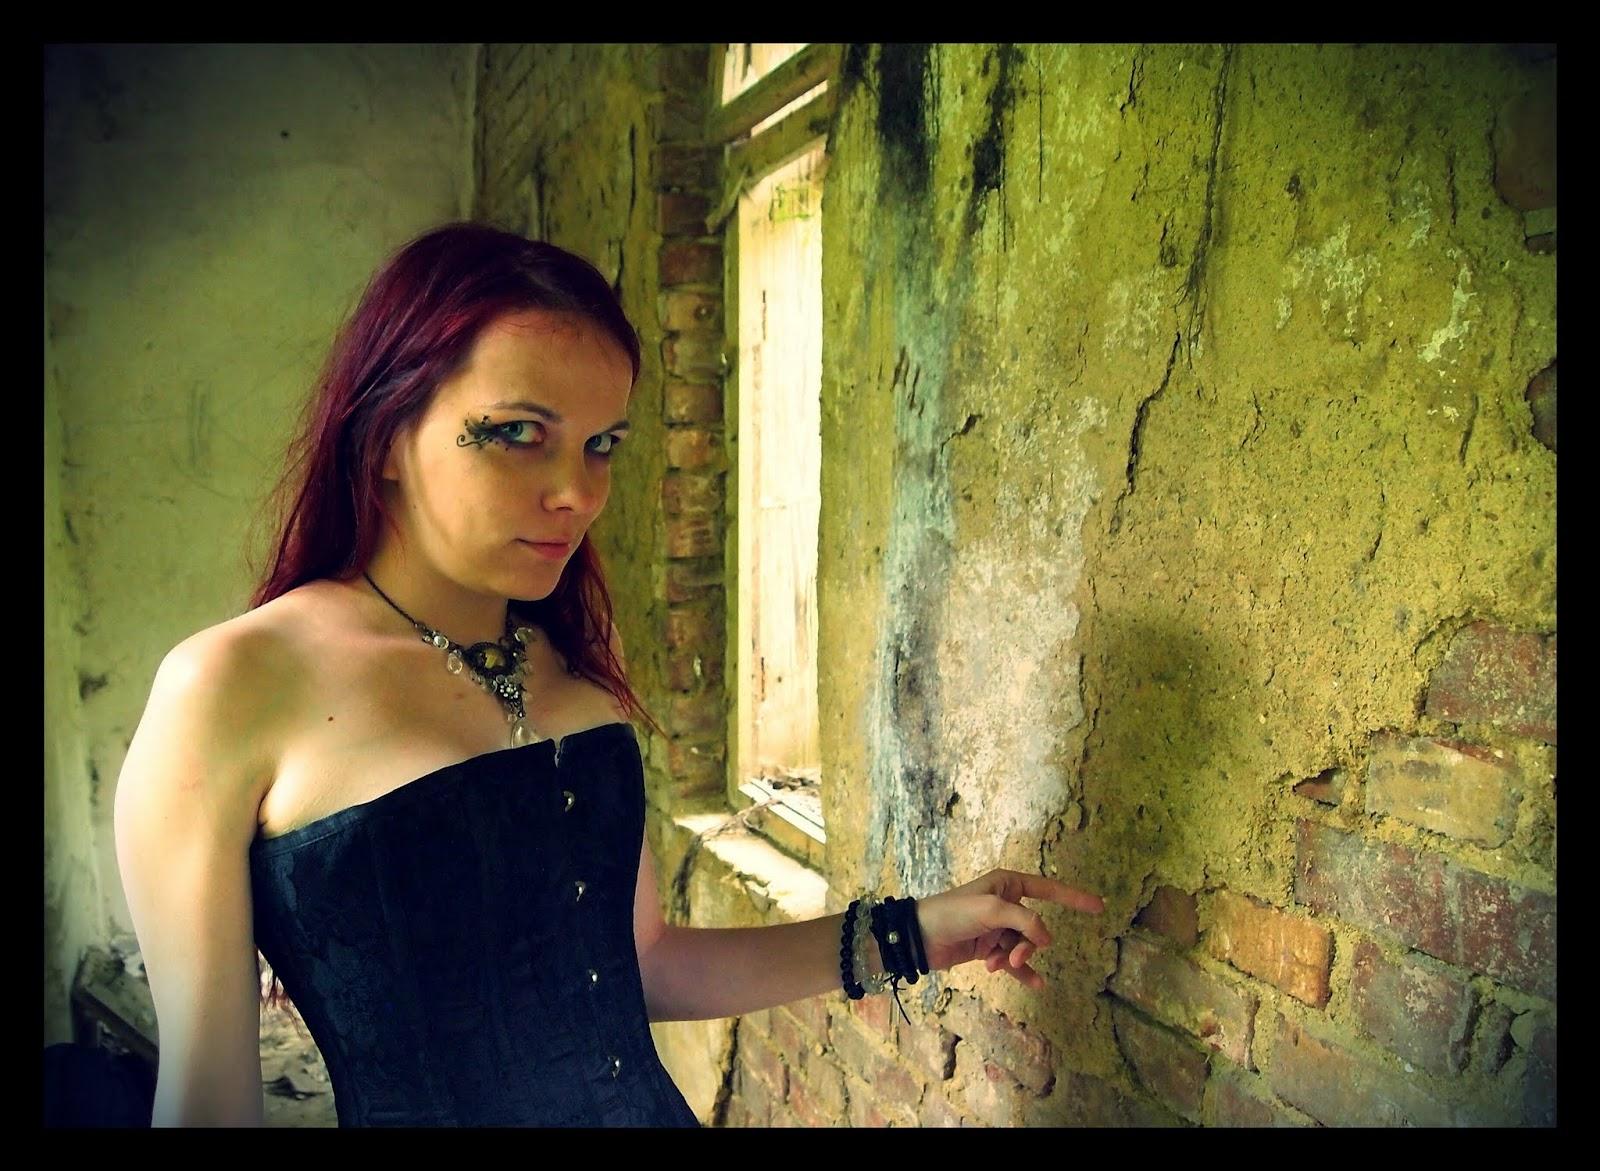 gotický Rionek, foto: Kik, 2011 07 15